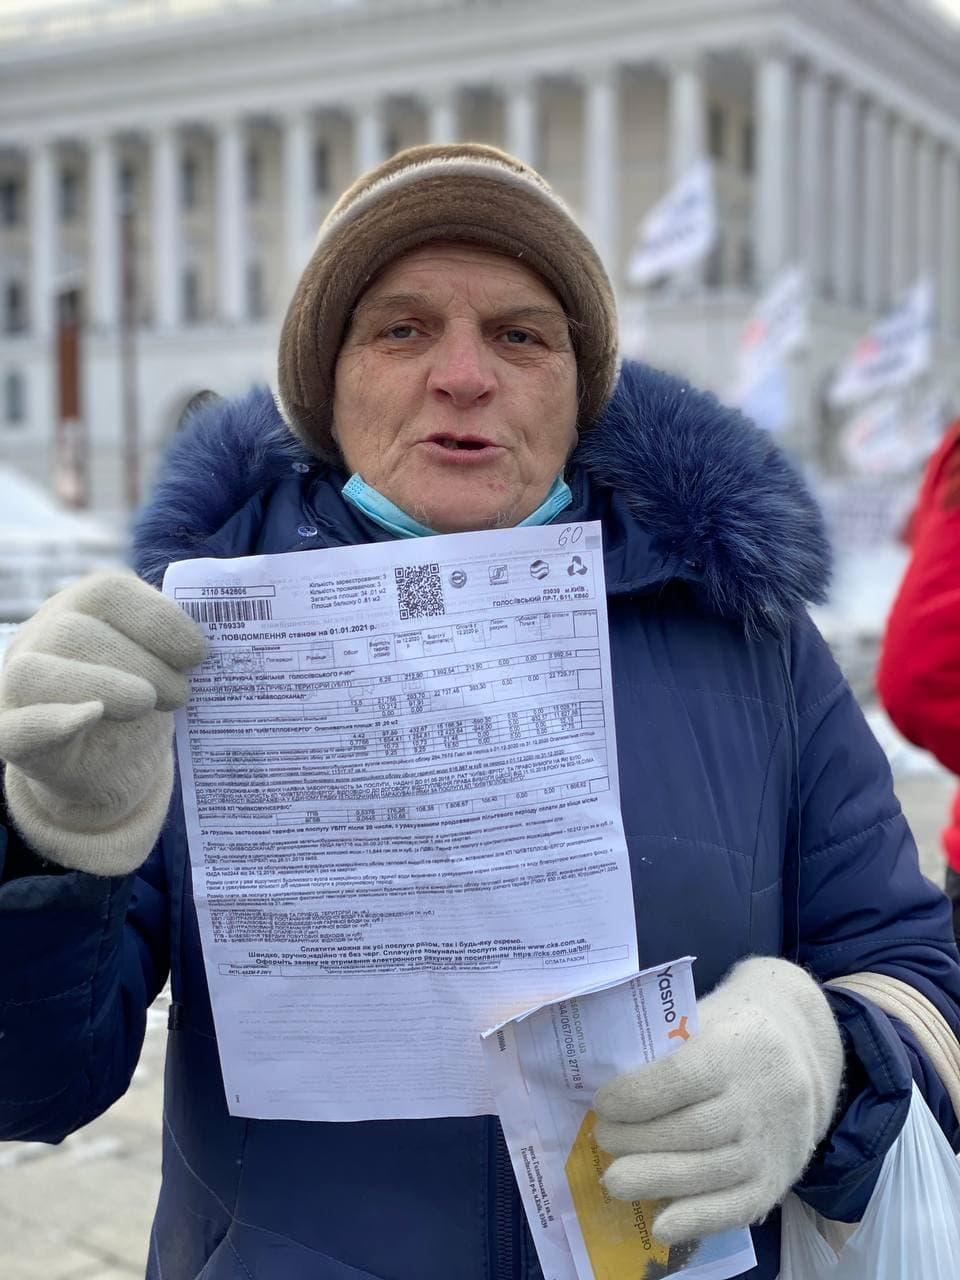 Повышение тарифов на коммуналку: киевляне выходят на массовый протест